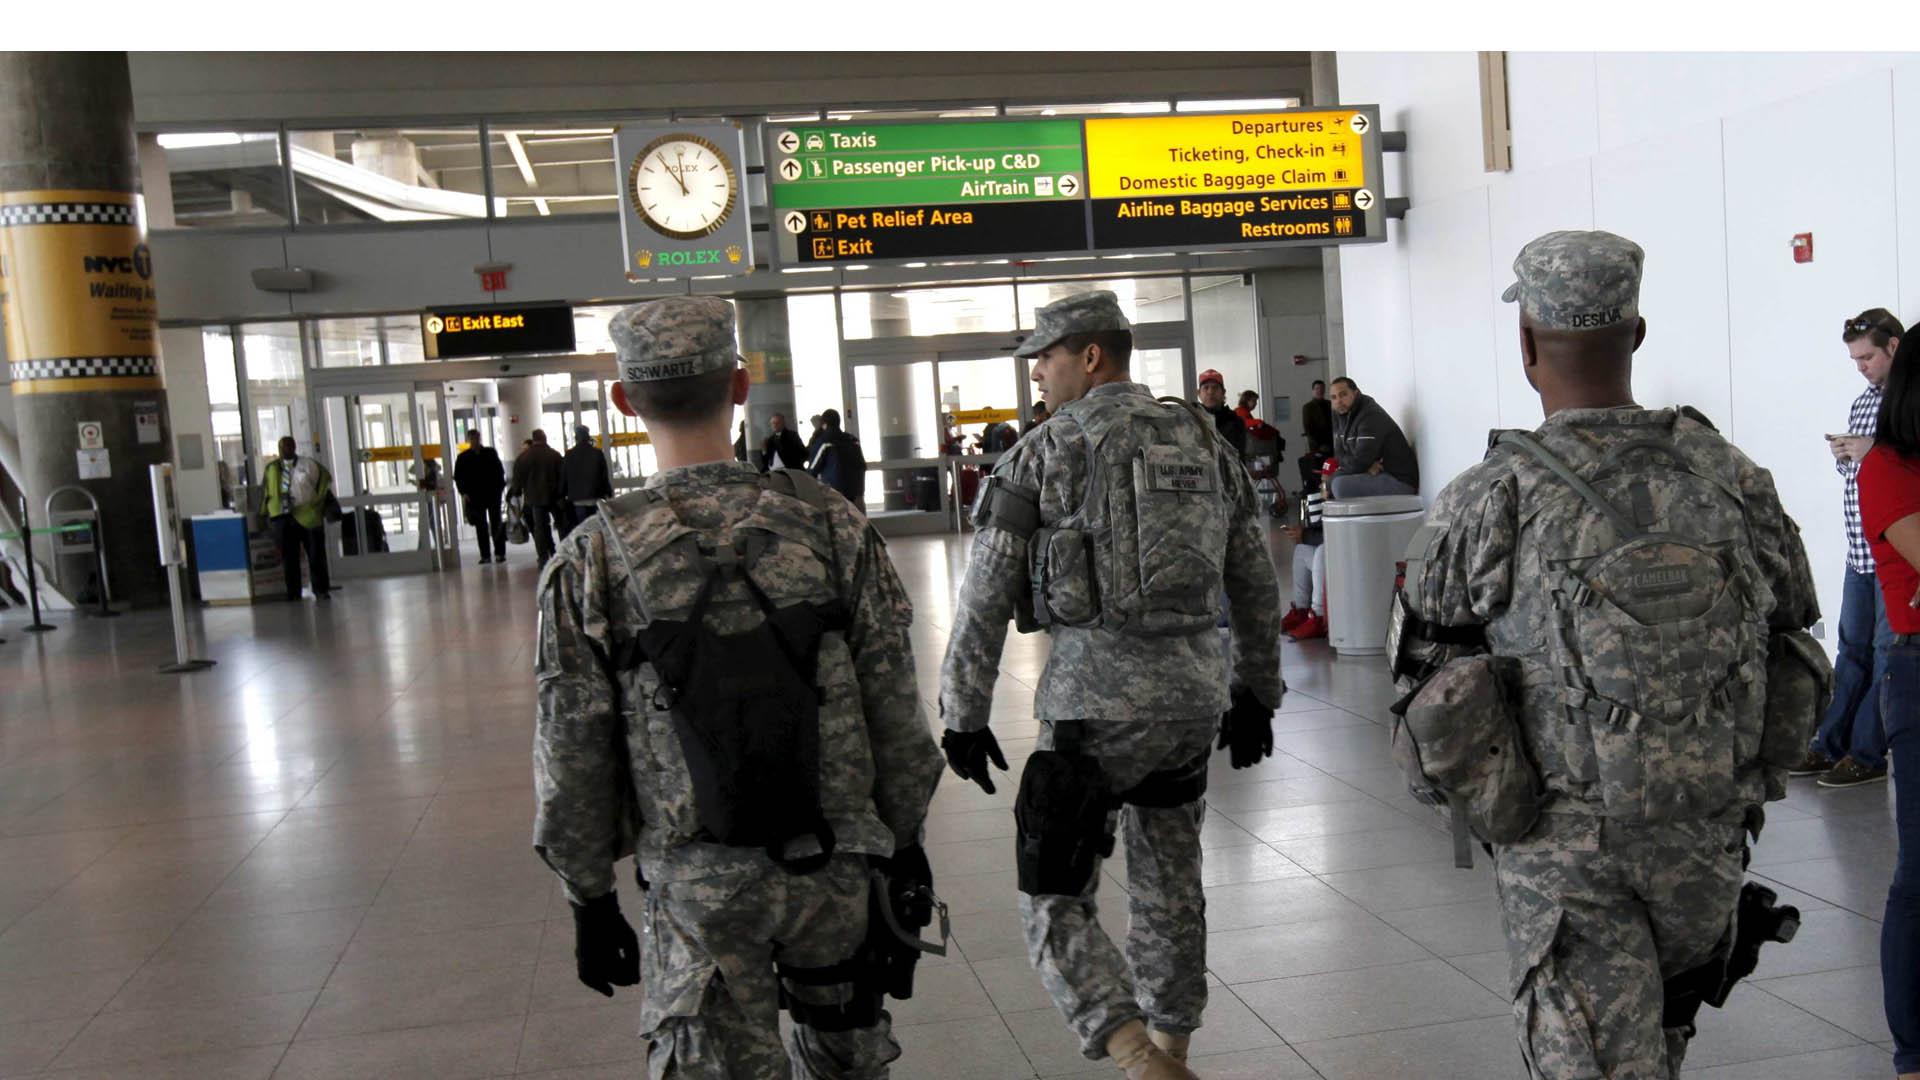 Con los 217 uniformados que viajarán, el número total de militares aumentará a 4 mil